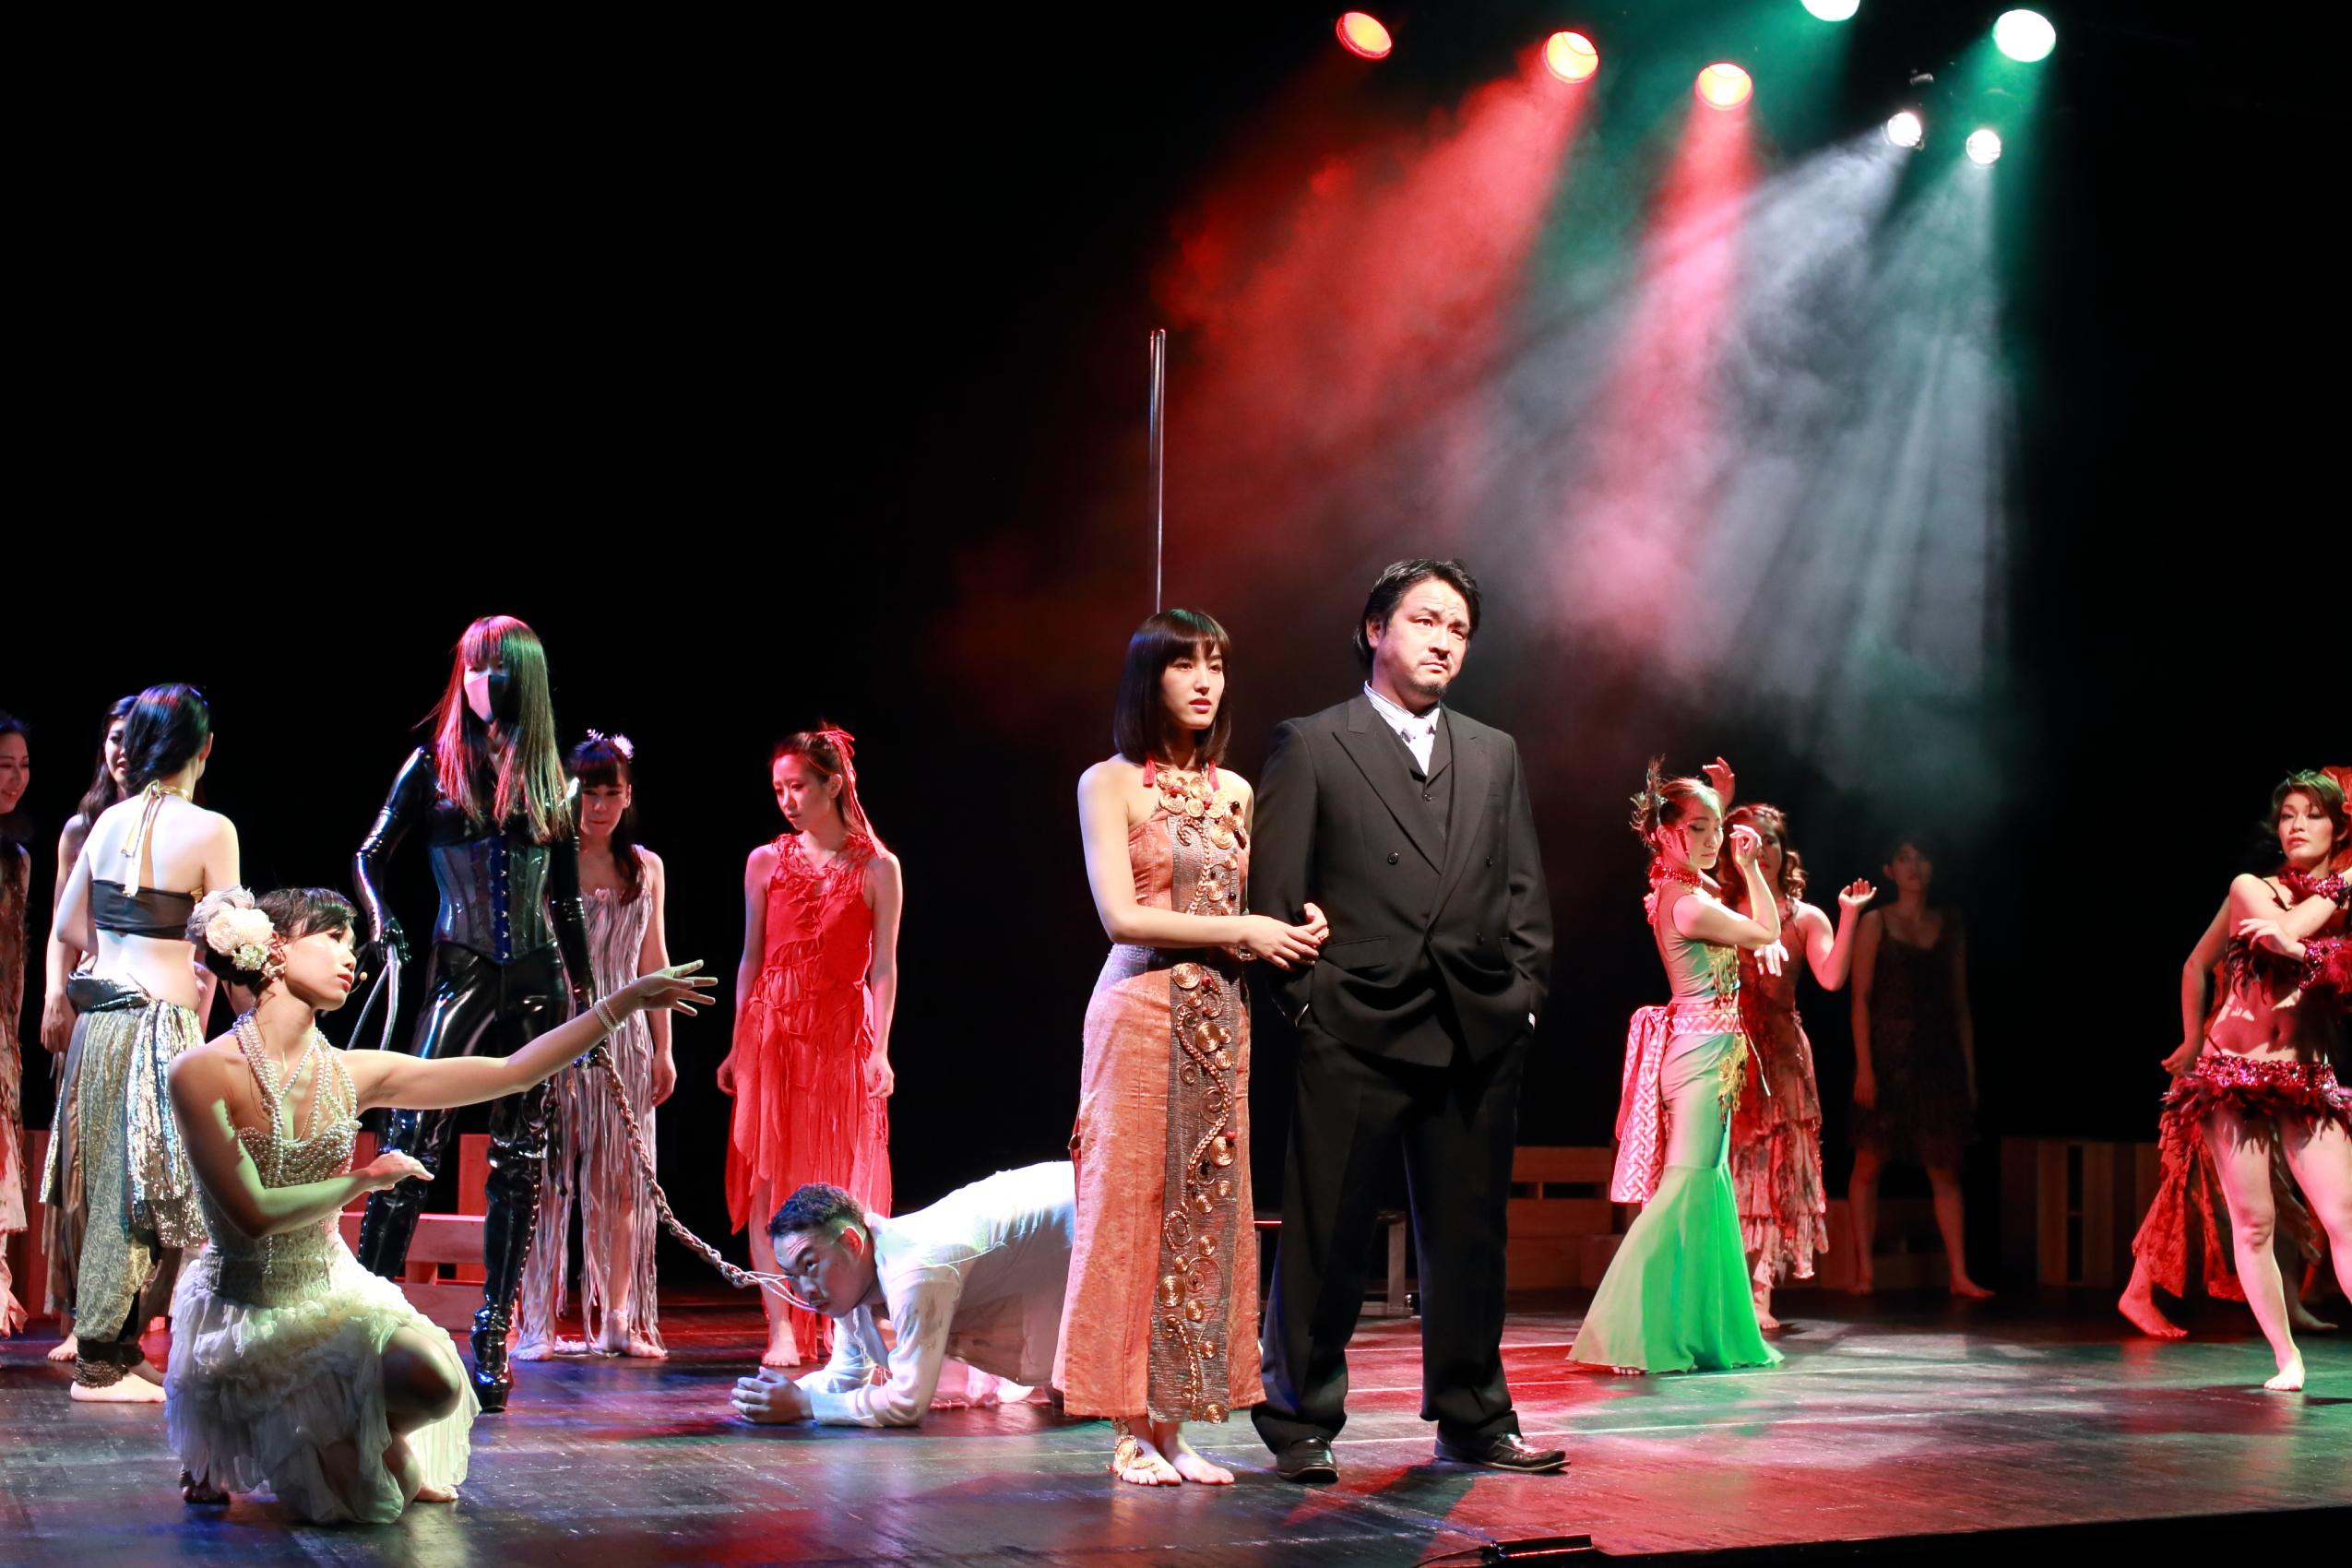 [関西]アート感覚あふれる新ジャンル舞台への出演者を募集! 「耽美・幻想」的な舞台に興味がある俳優・ダンサー、声楽、モデルなど